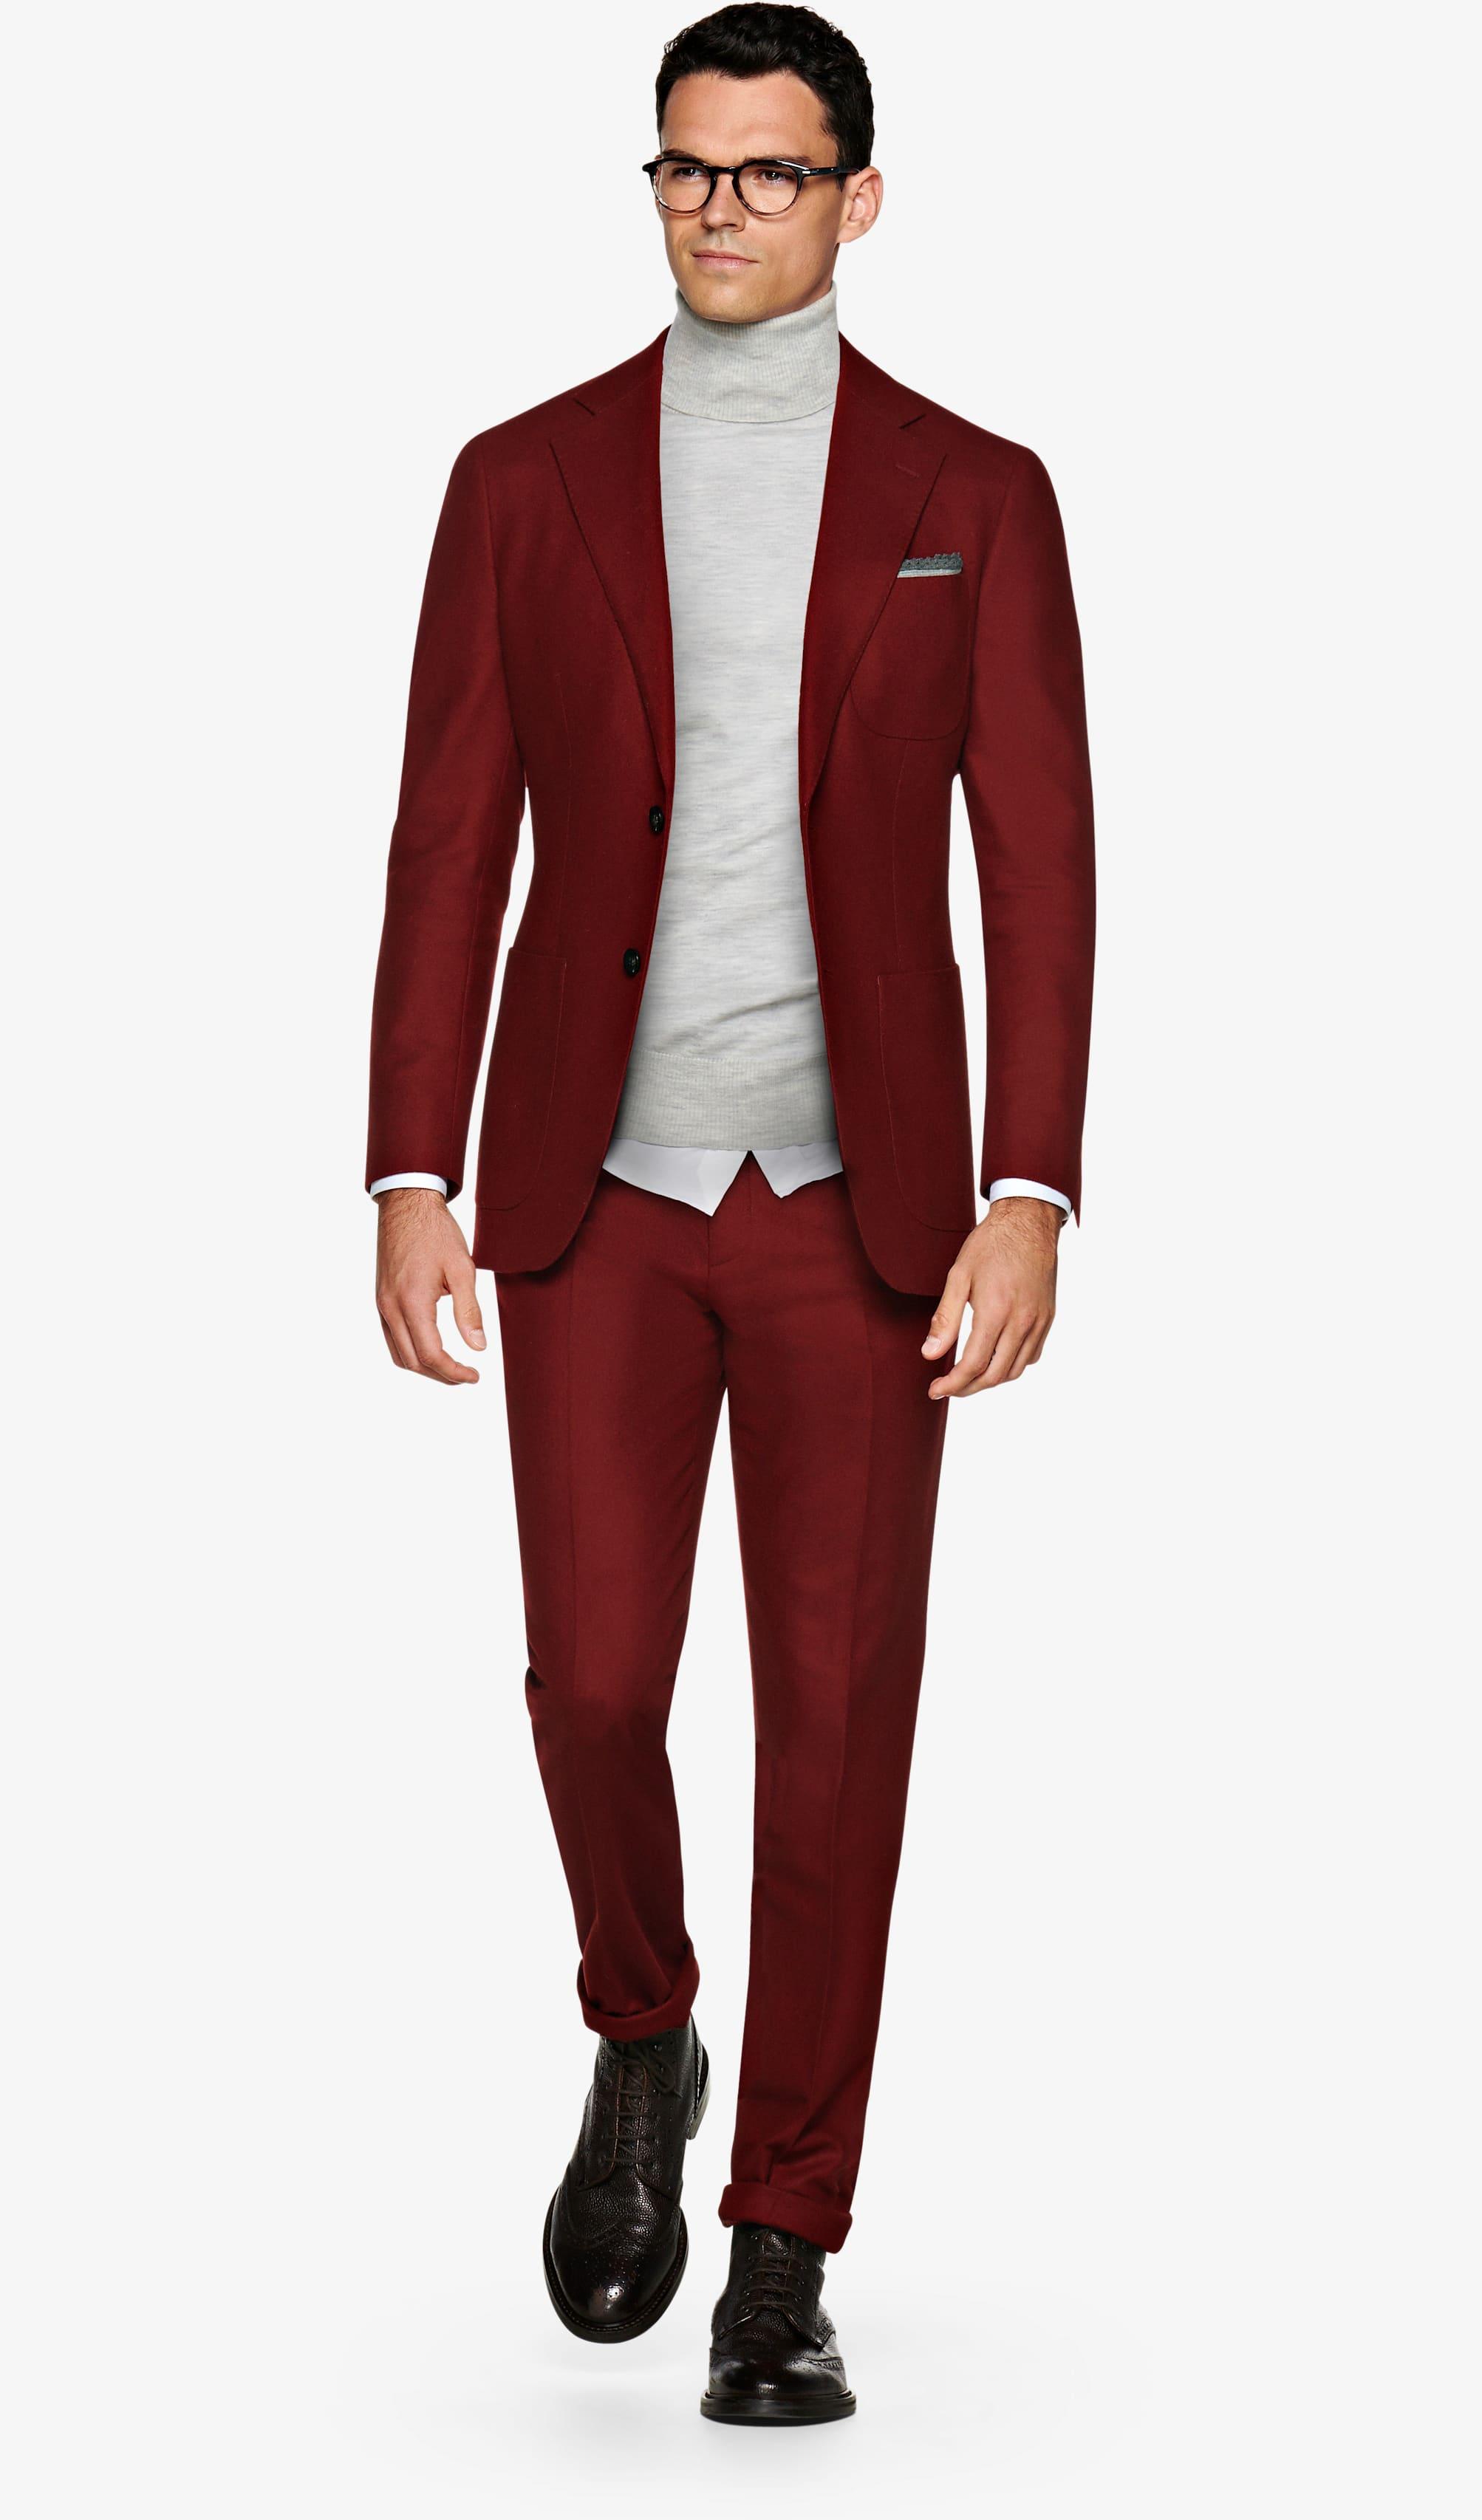 Suit_Red_Plain_Havana_P5607I